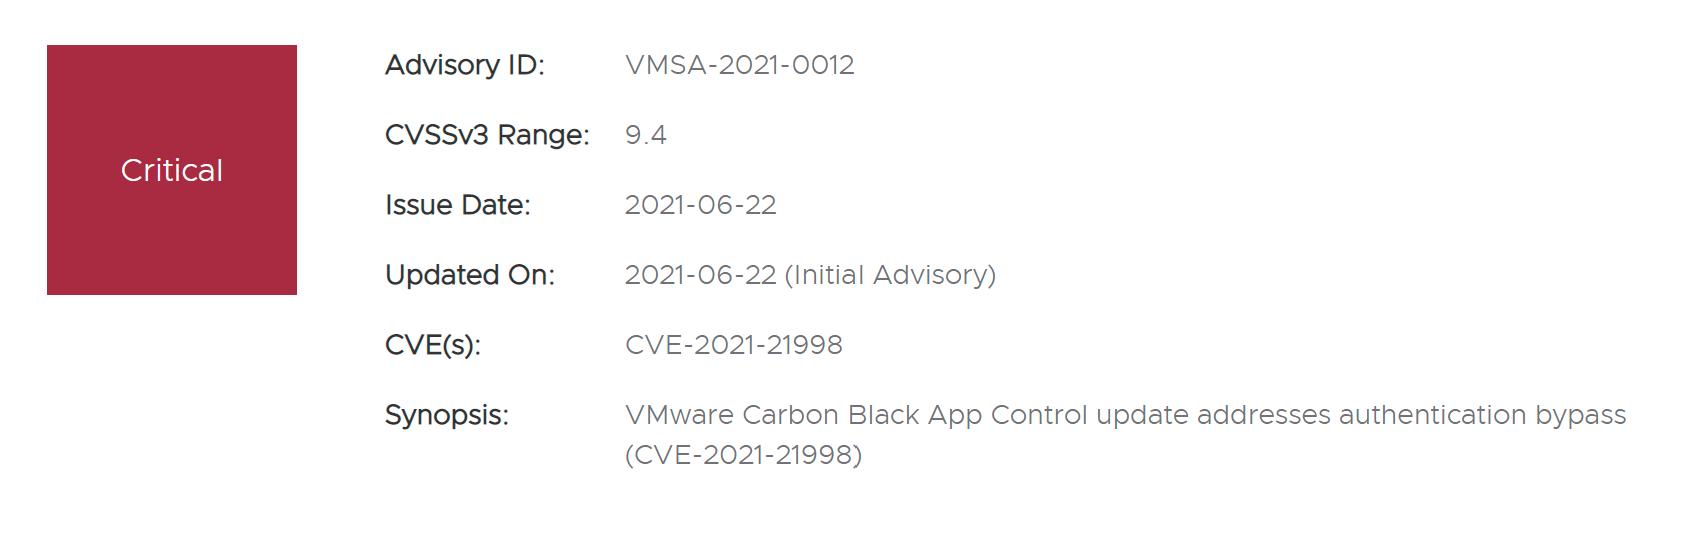 CVE-2021-21998: VMware Carbon Black App Control authentication bypass vulnerability alert